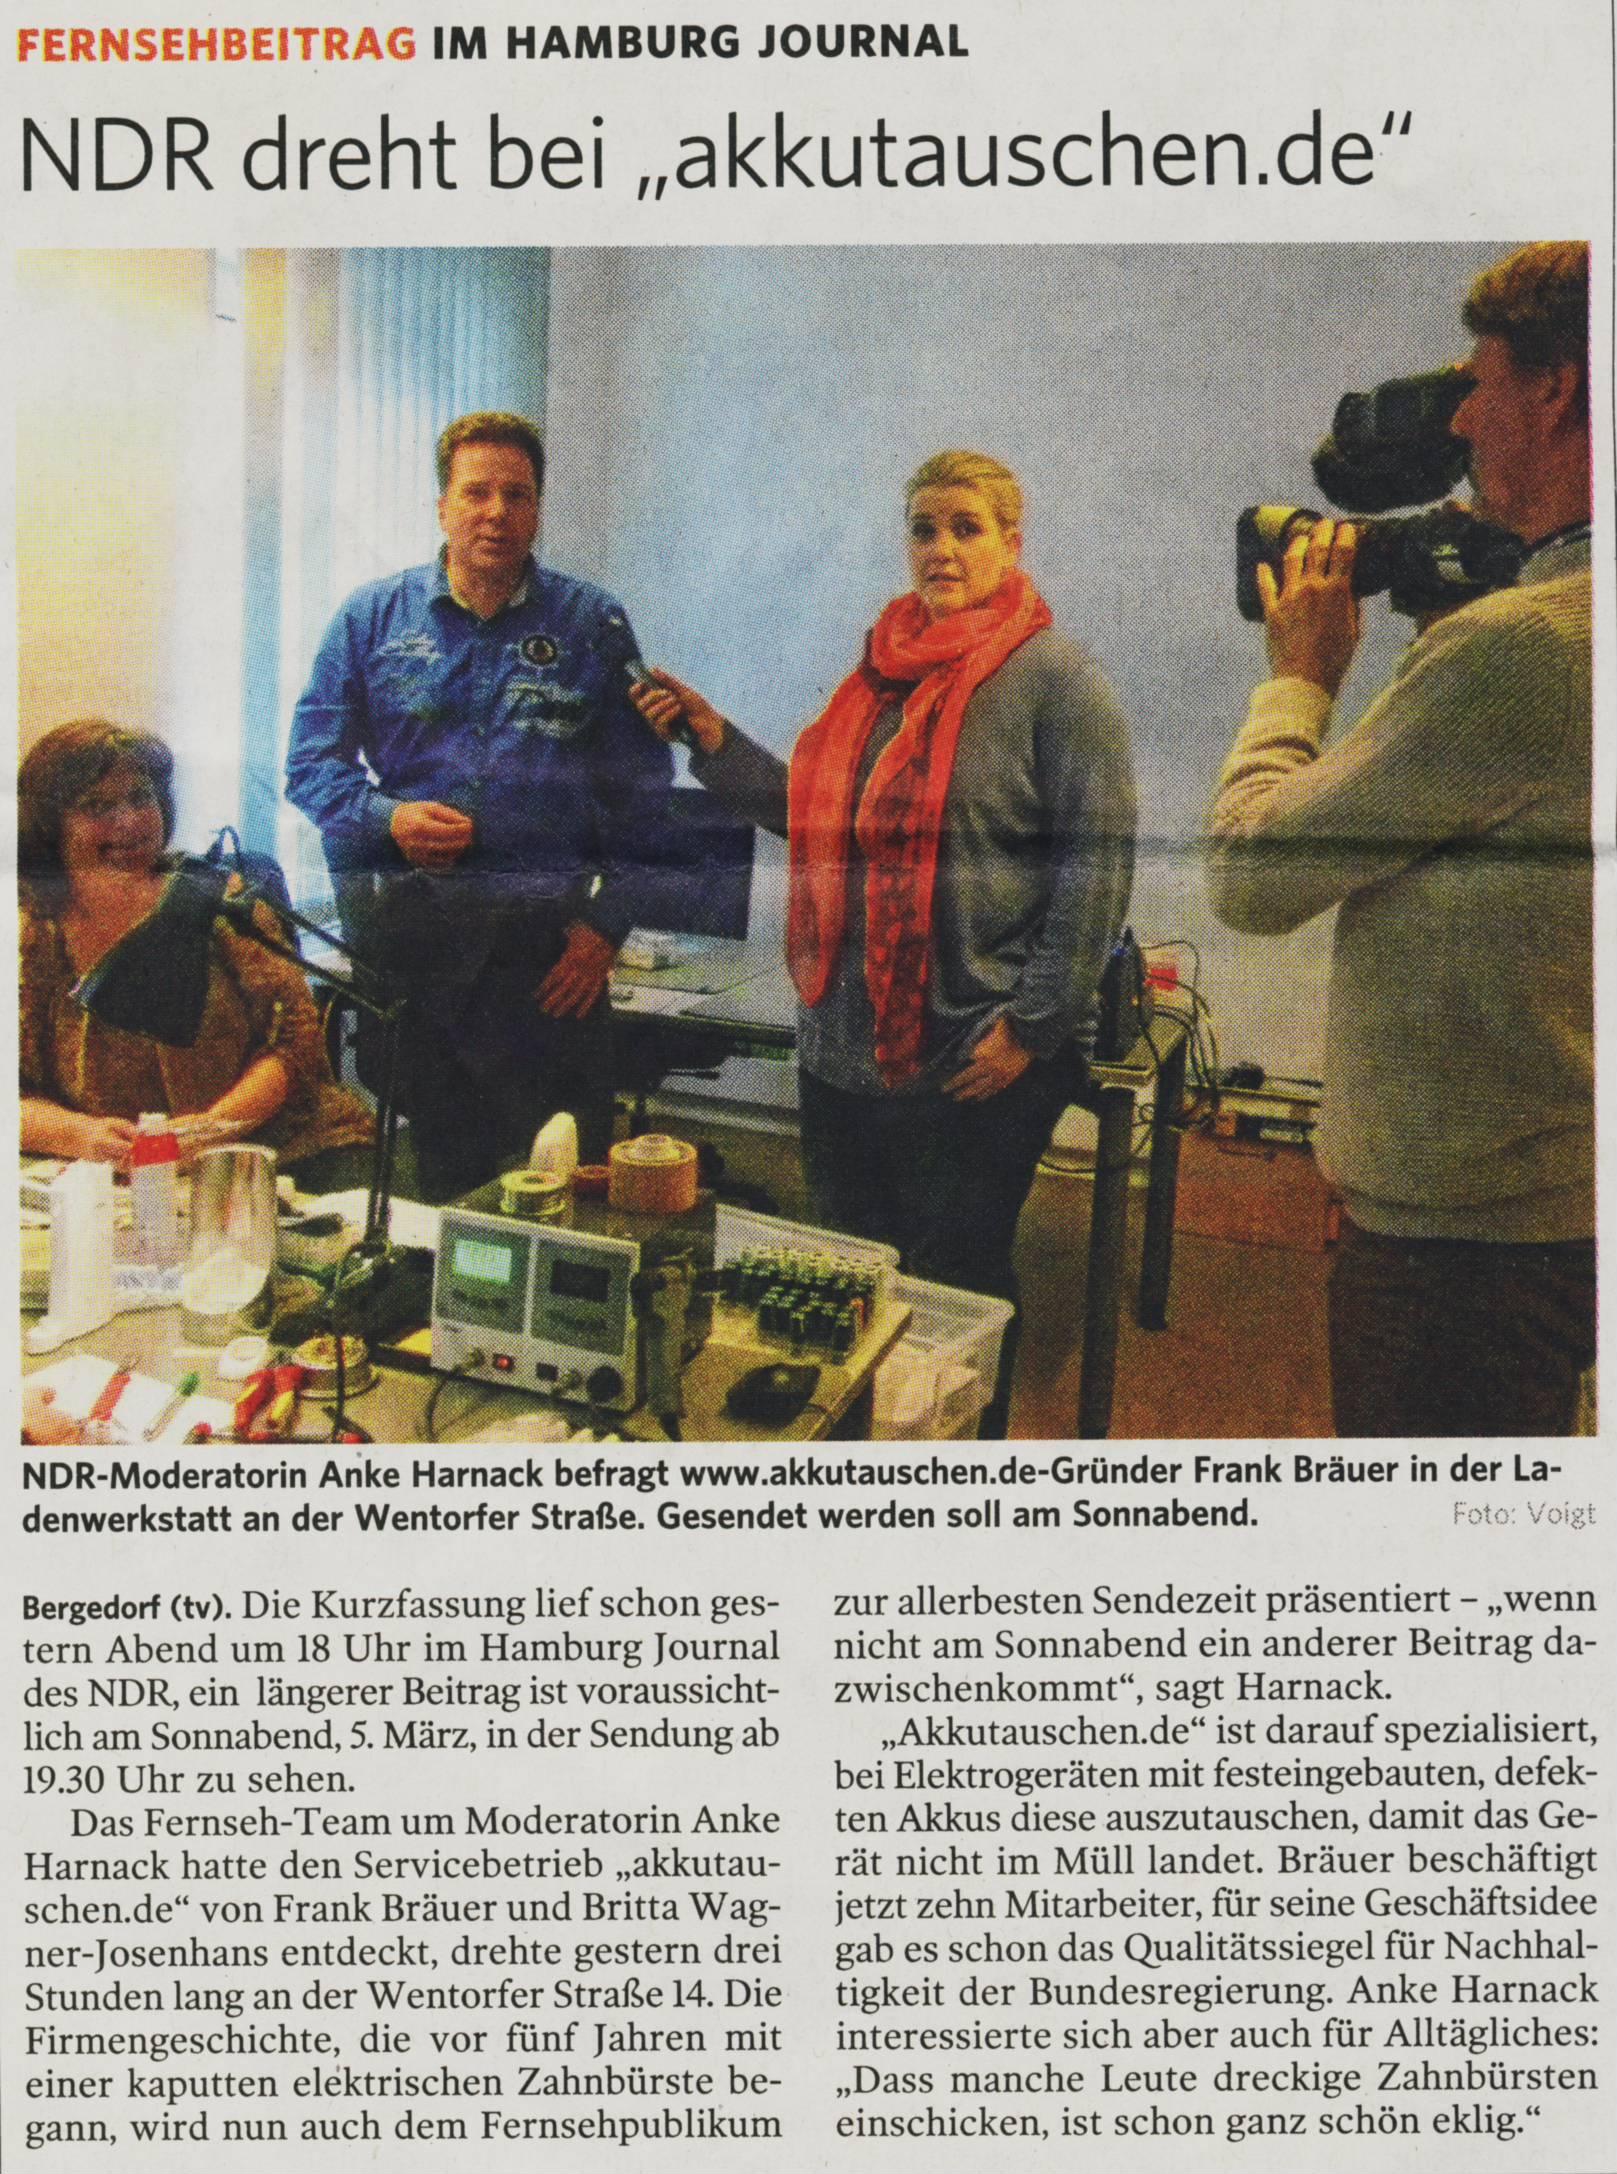 BZ 02 März 2016 - Presse